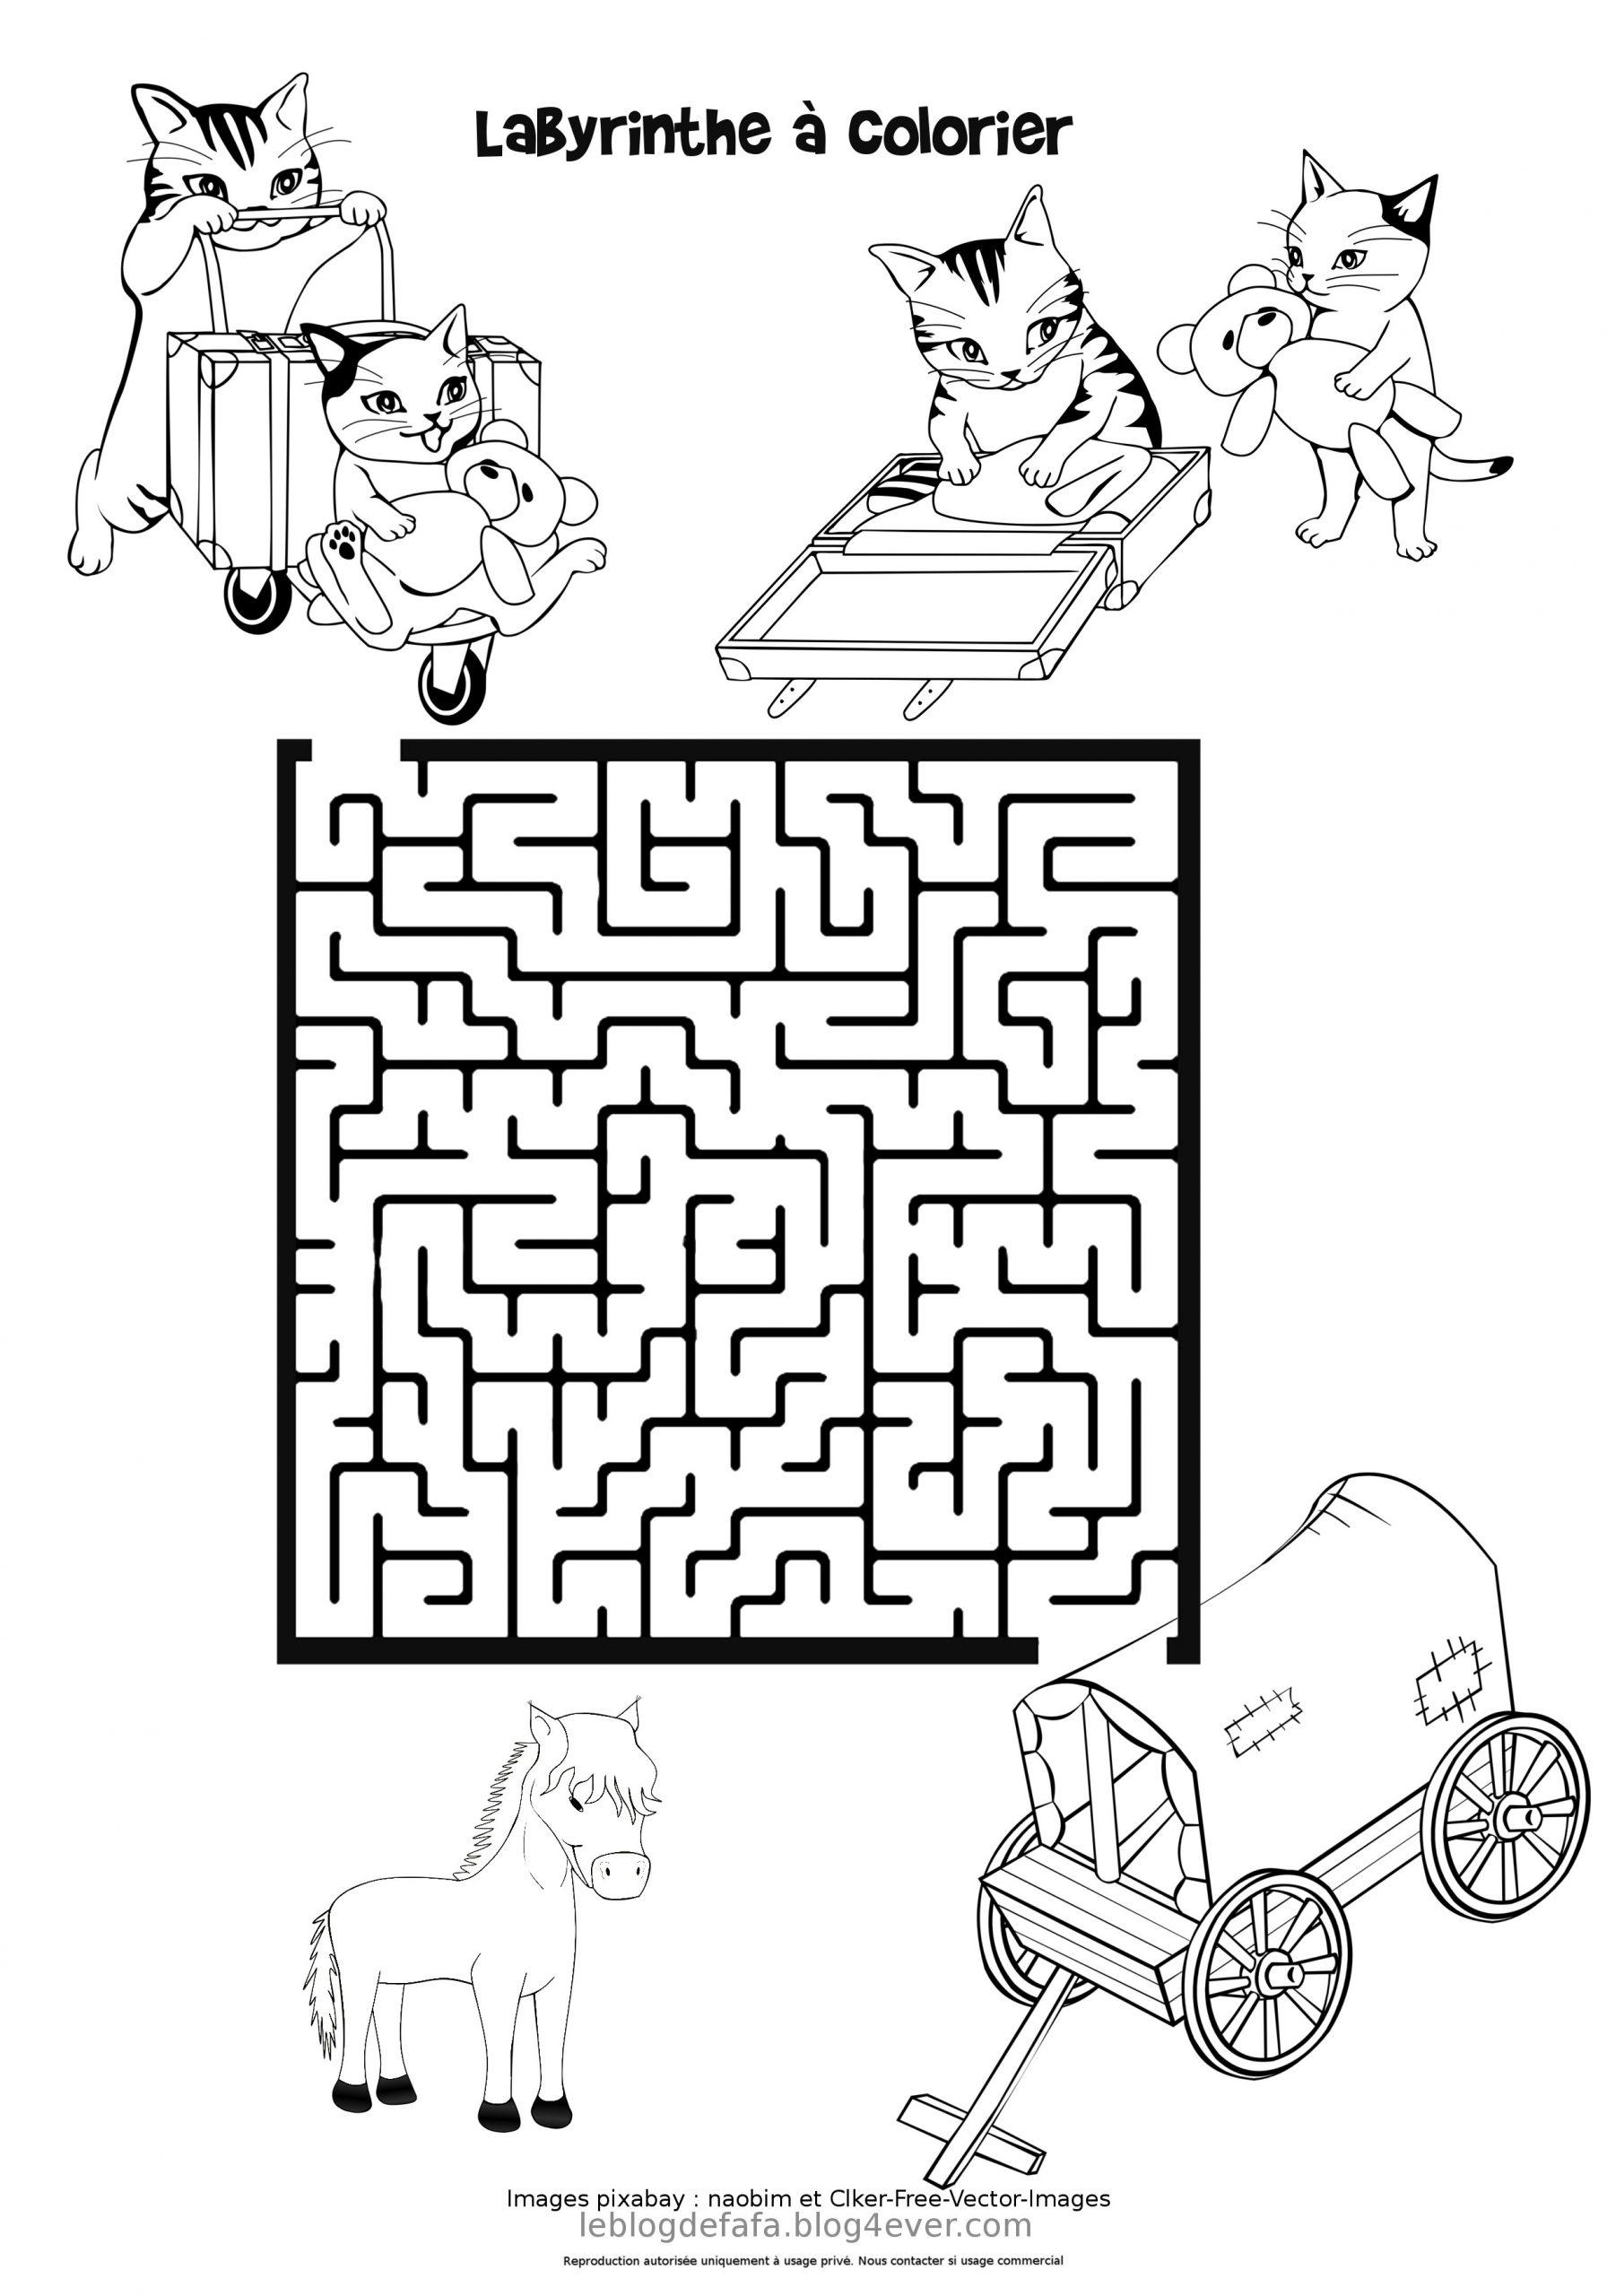 Jeux Chevaux Gratuits À Imprimer : Labyrinthes, Apprendre À concernant Jeux Relier Les Points